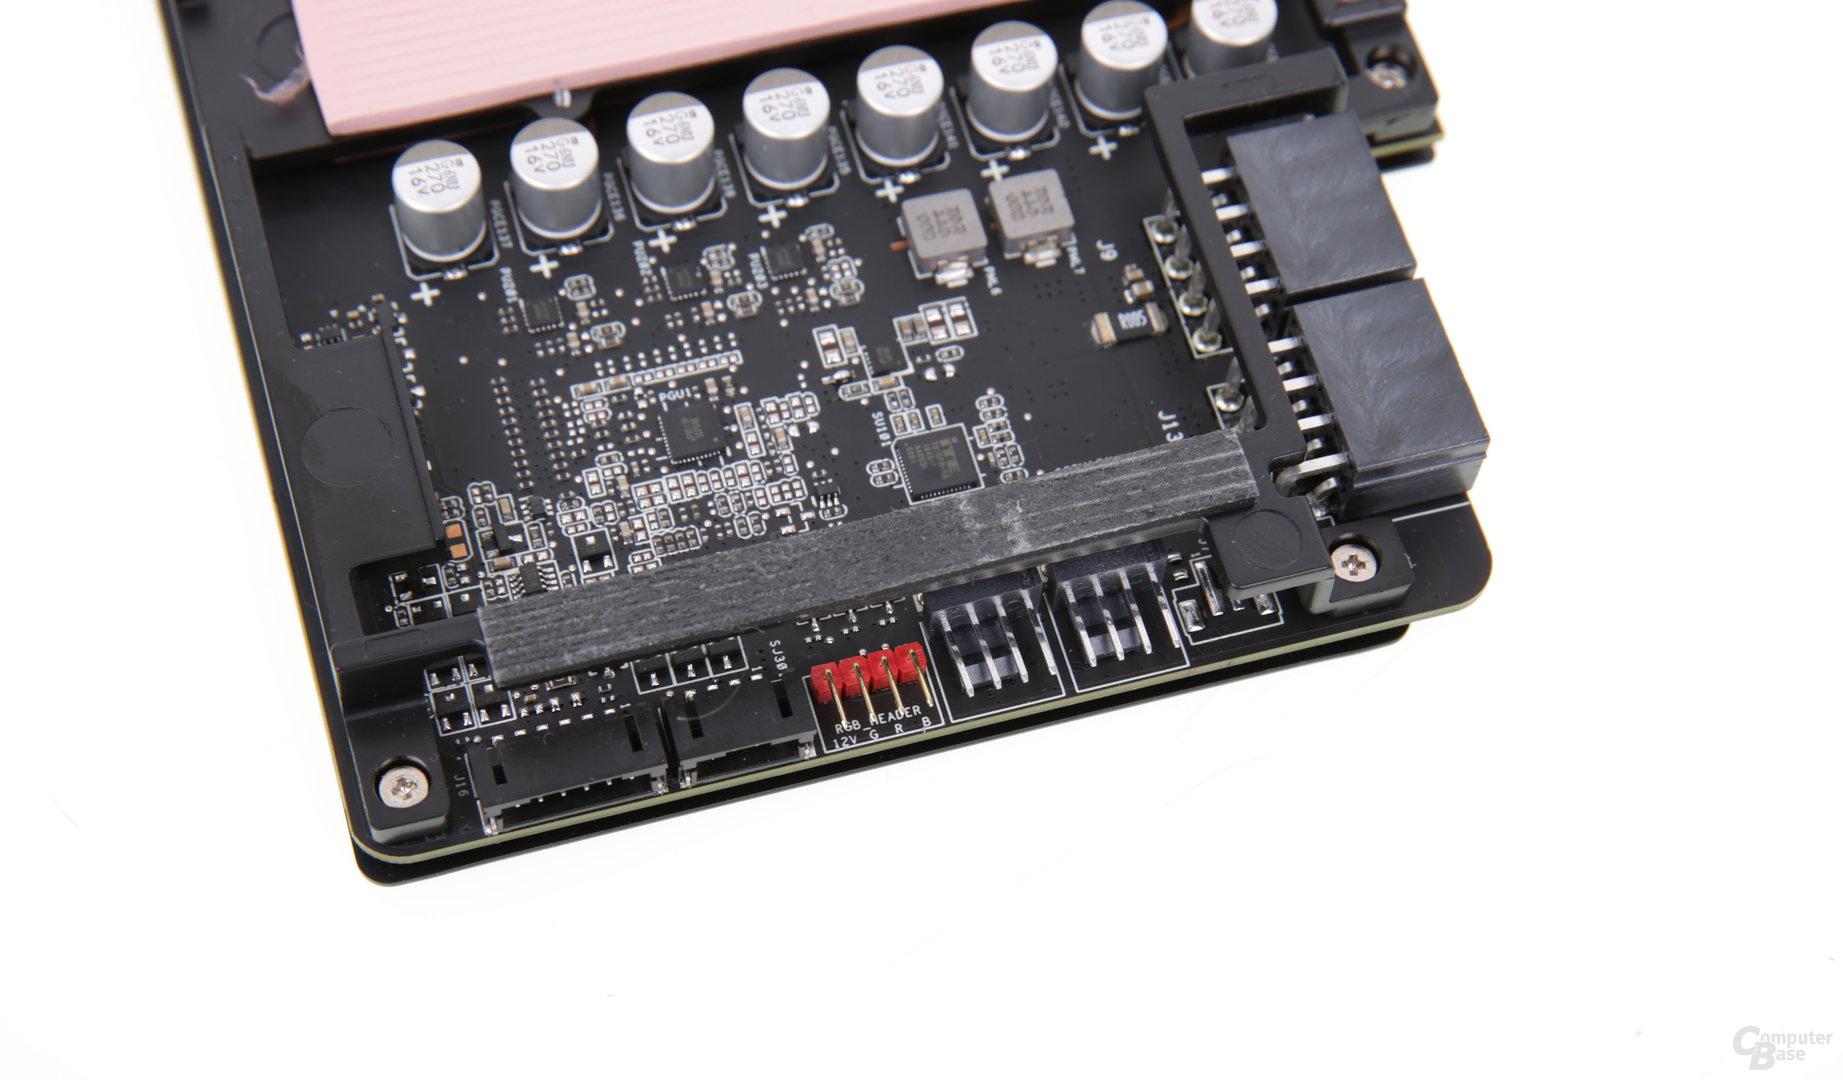 Anschlüsse für zwei Gehäuse-Lüfter und eine externe RGB-LED